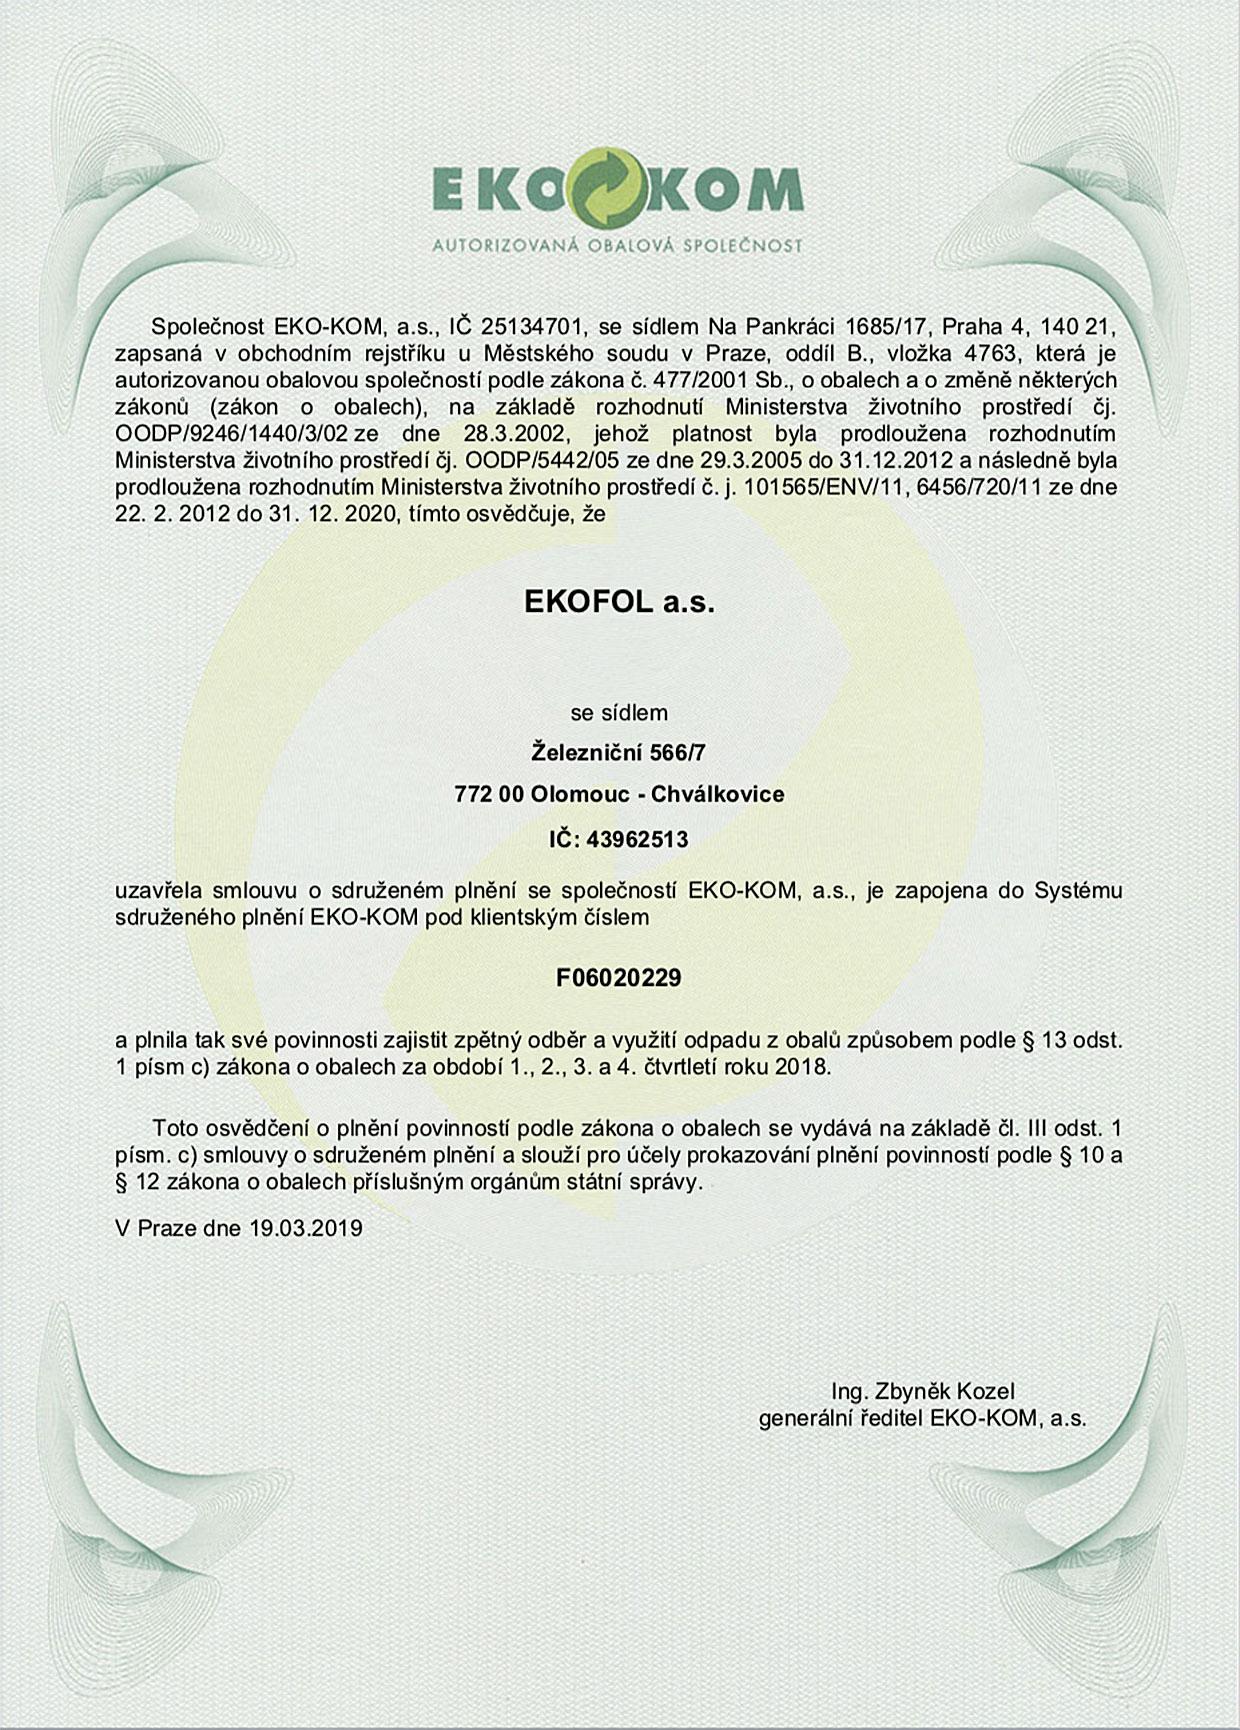 certifikát o zapojení do Systému sdruženého plnění EKO-KOM